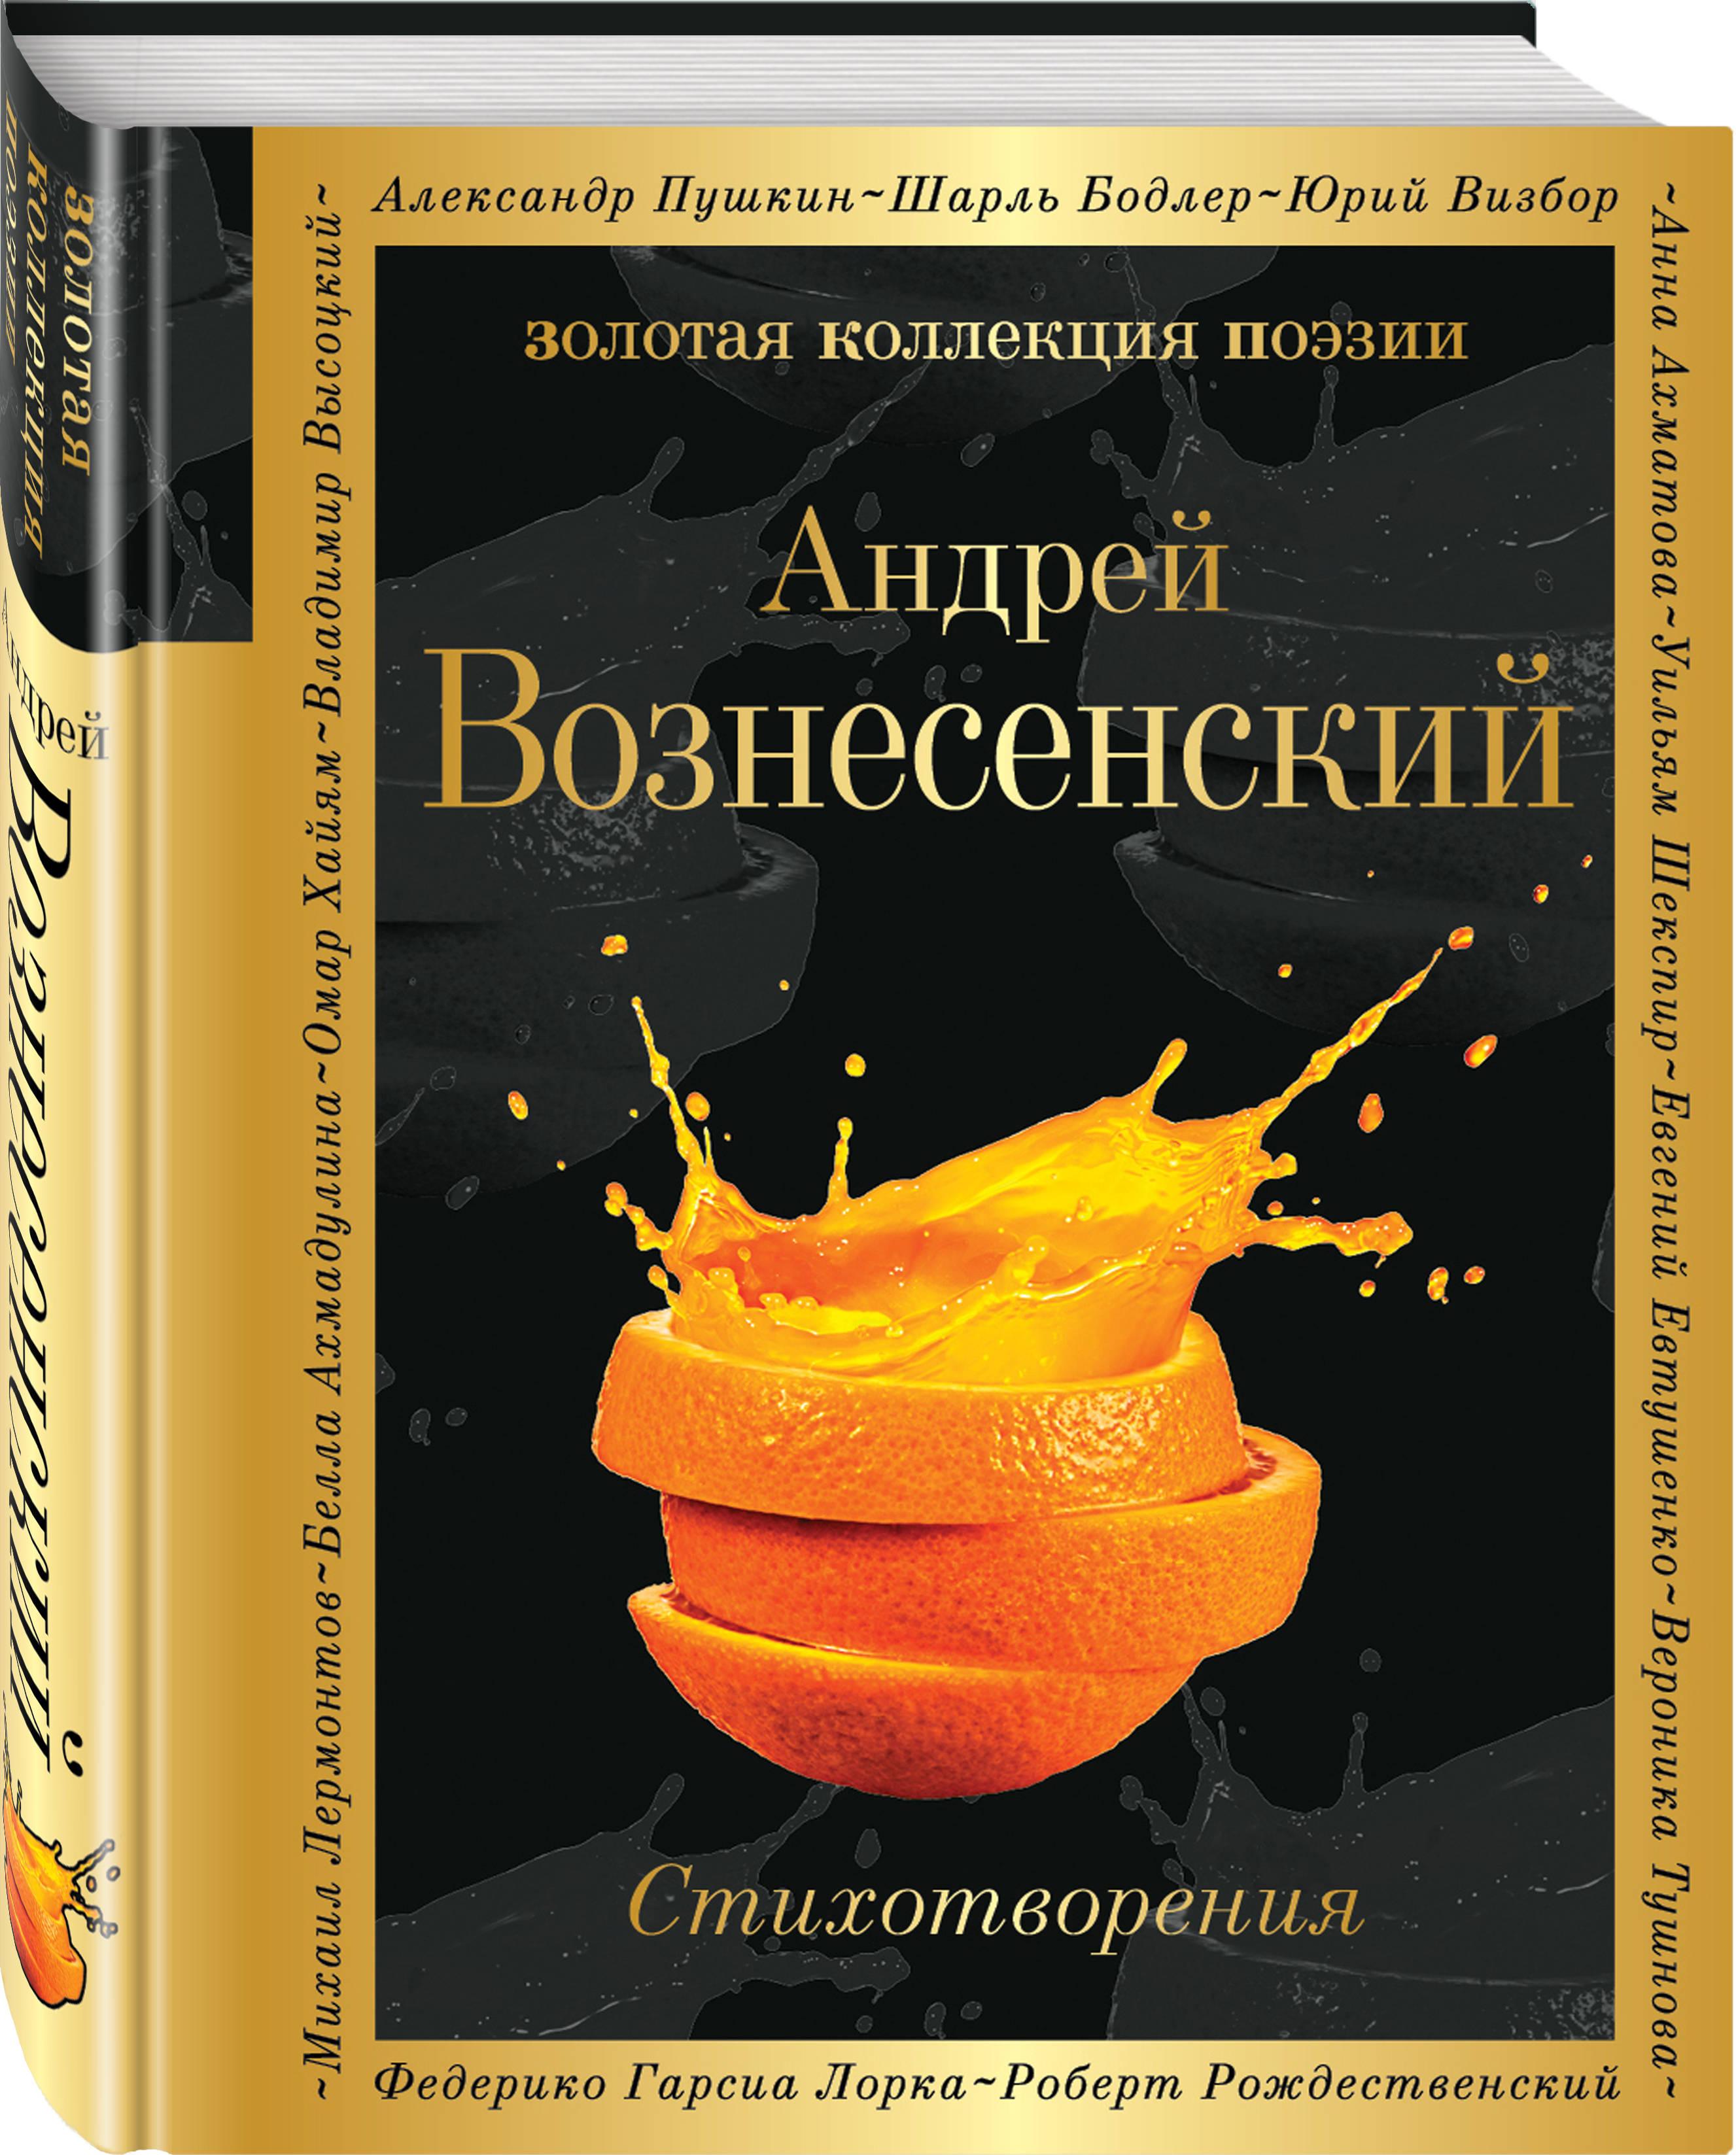 Андрей Вознесенский Стихотворения андрей вознесенский андрей вознесенский тень звука